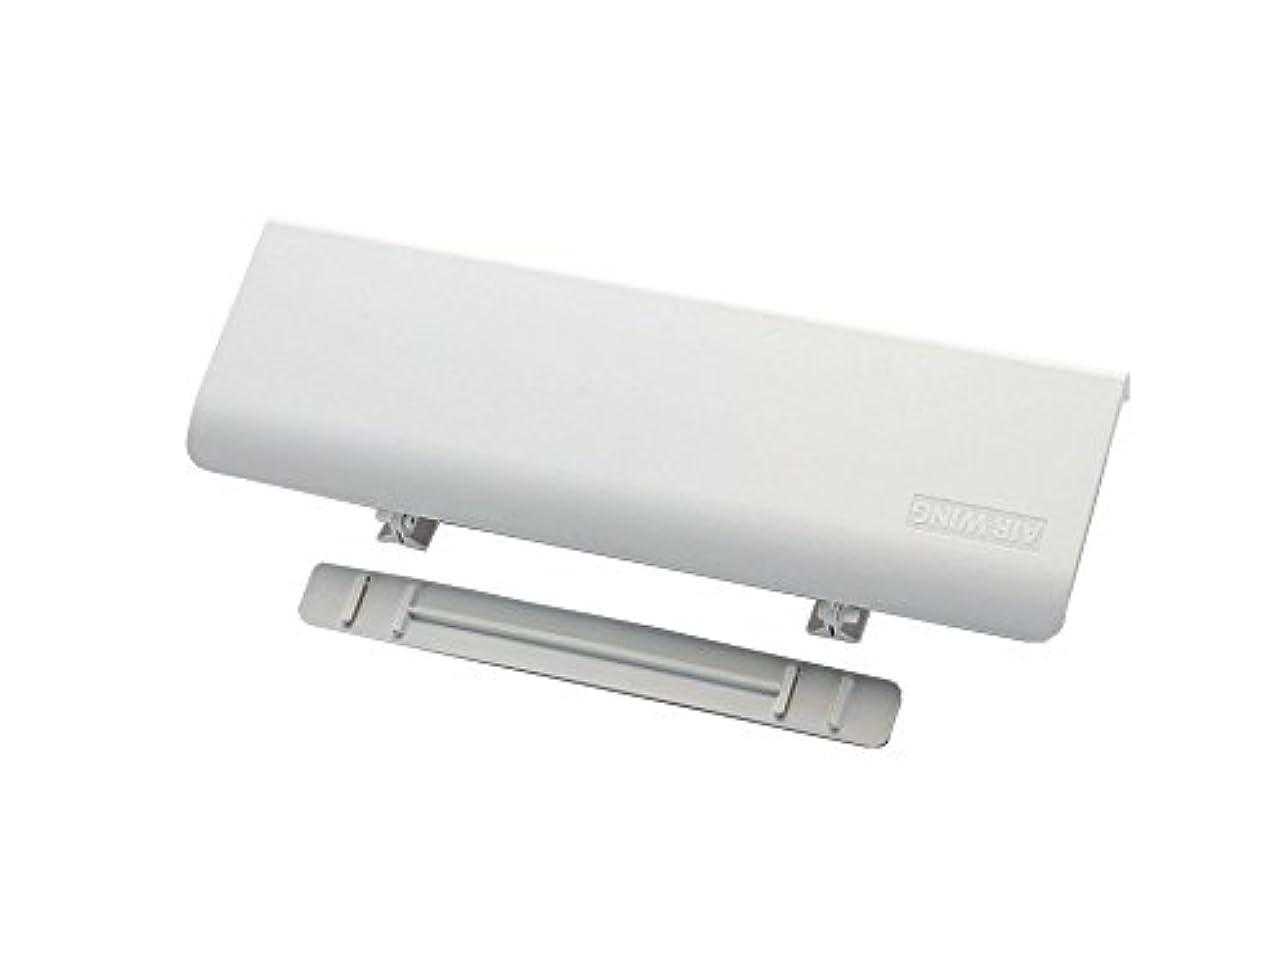 扇動気絶させる吸い込むイチネンTASCO TA978SB-2 エアコン風向調整板(アイボリー)